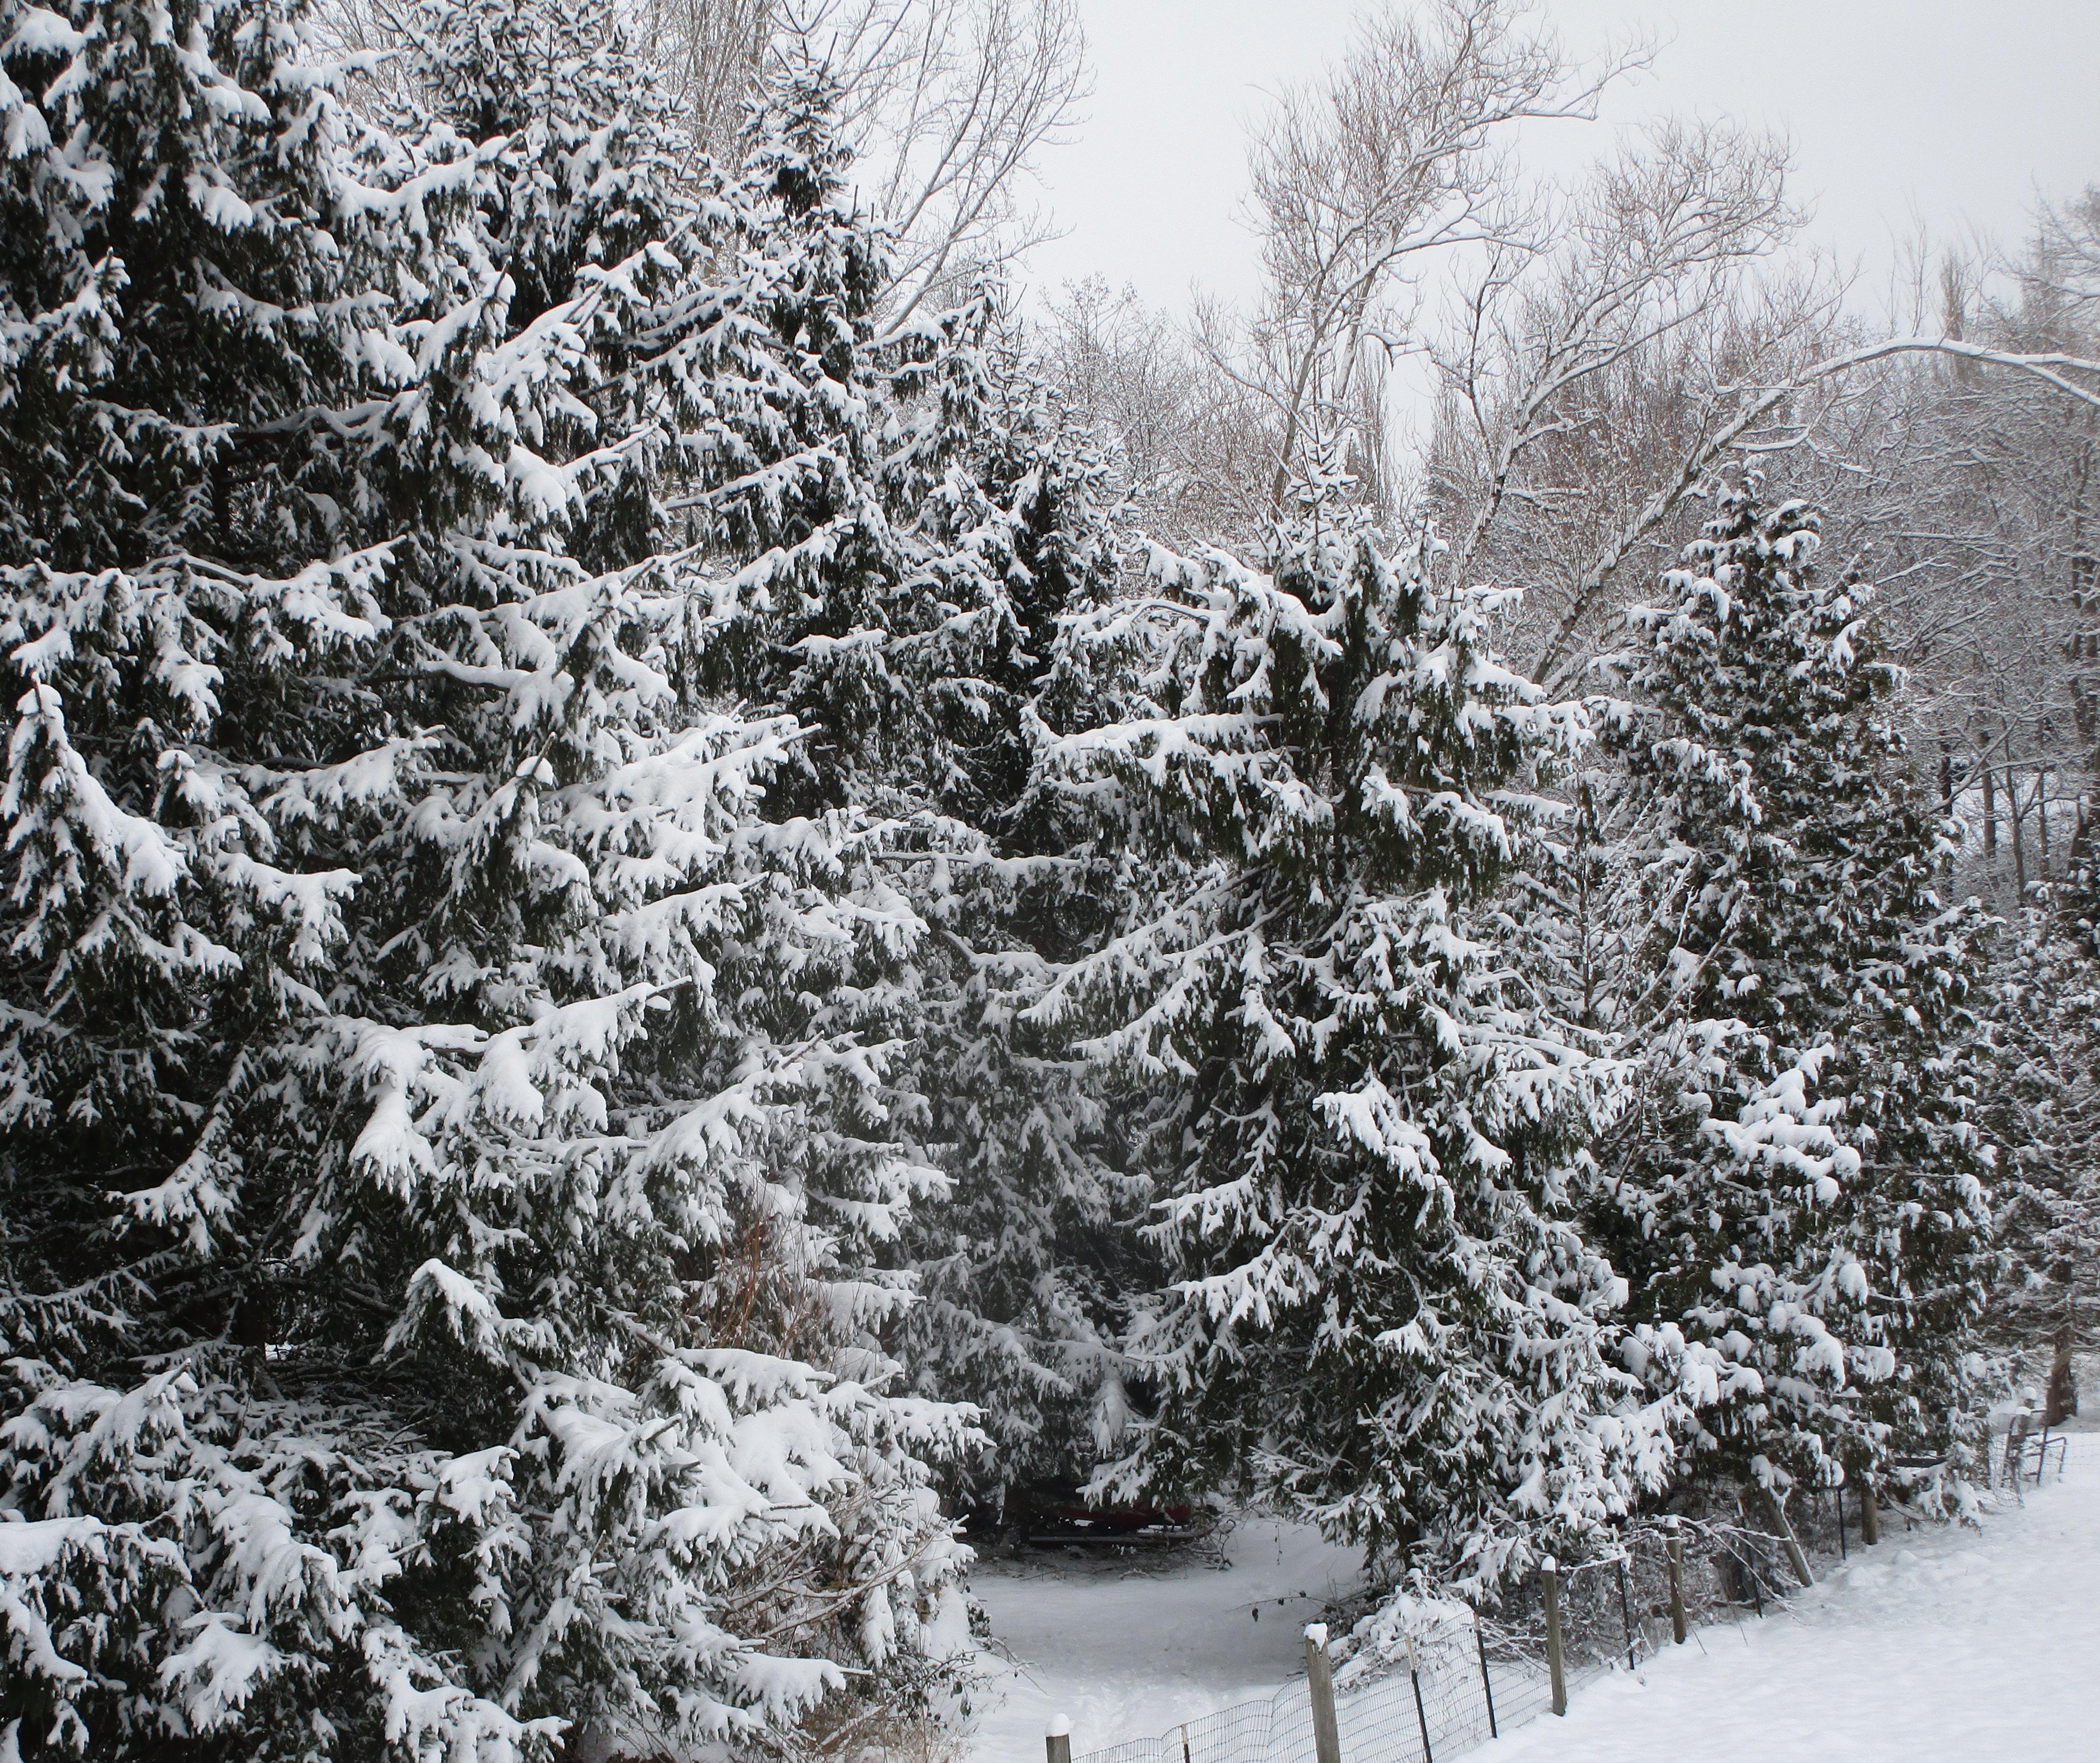 snowy trees beside donkey pen